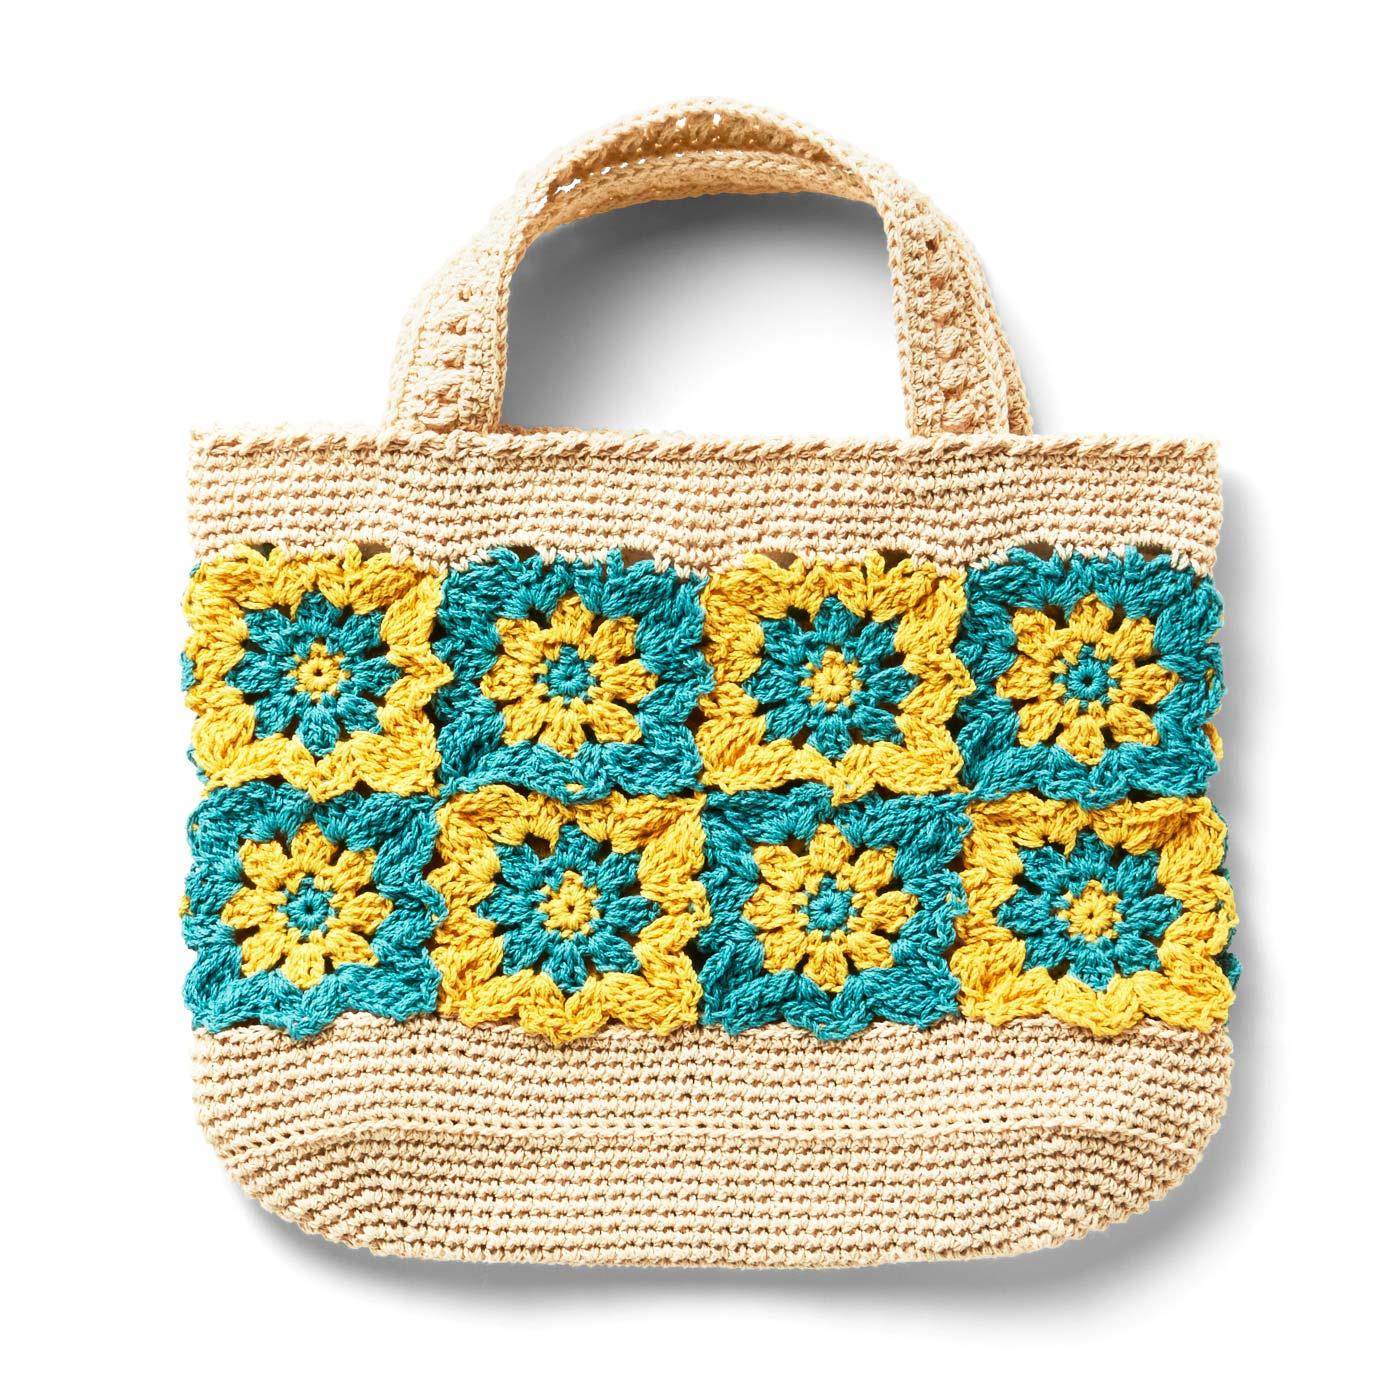 ビタミンカラーのモチーフつなぎバッグ 縦約17cm、横約26.5cm、まち幅約7cm ※すべて持ち手を含まないサイズです。